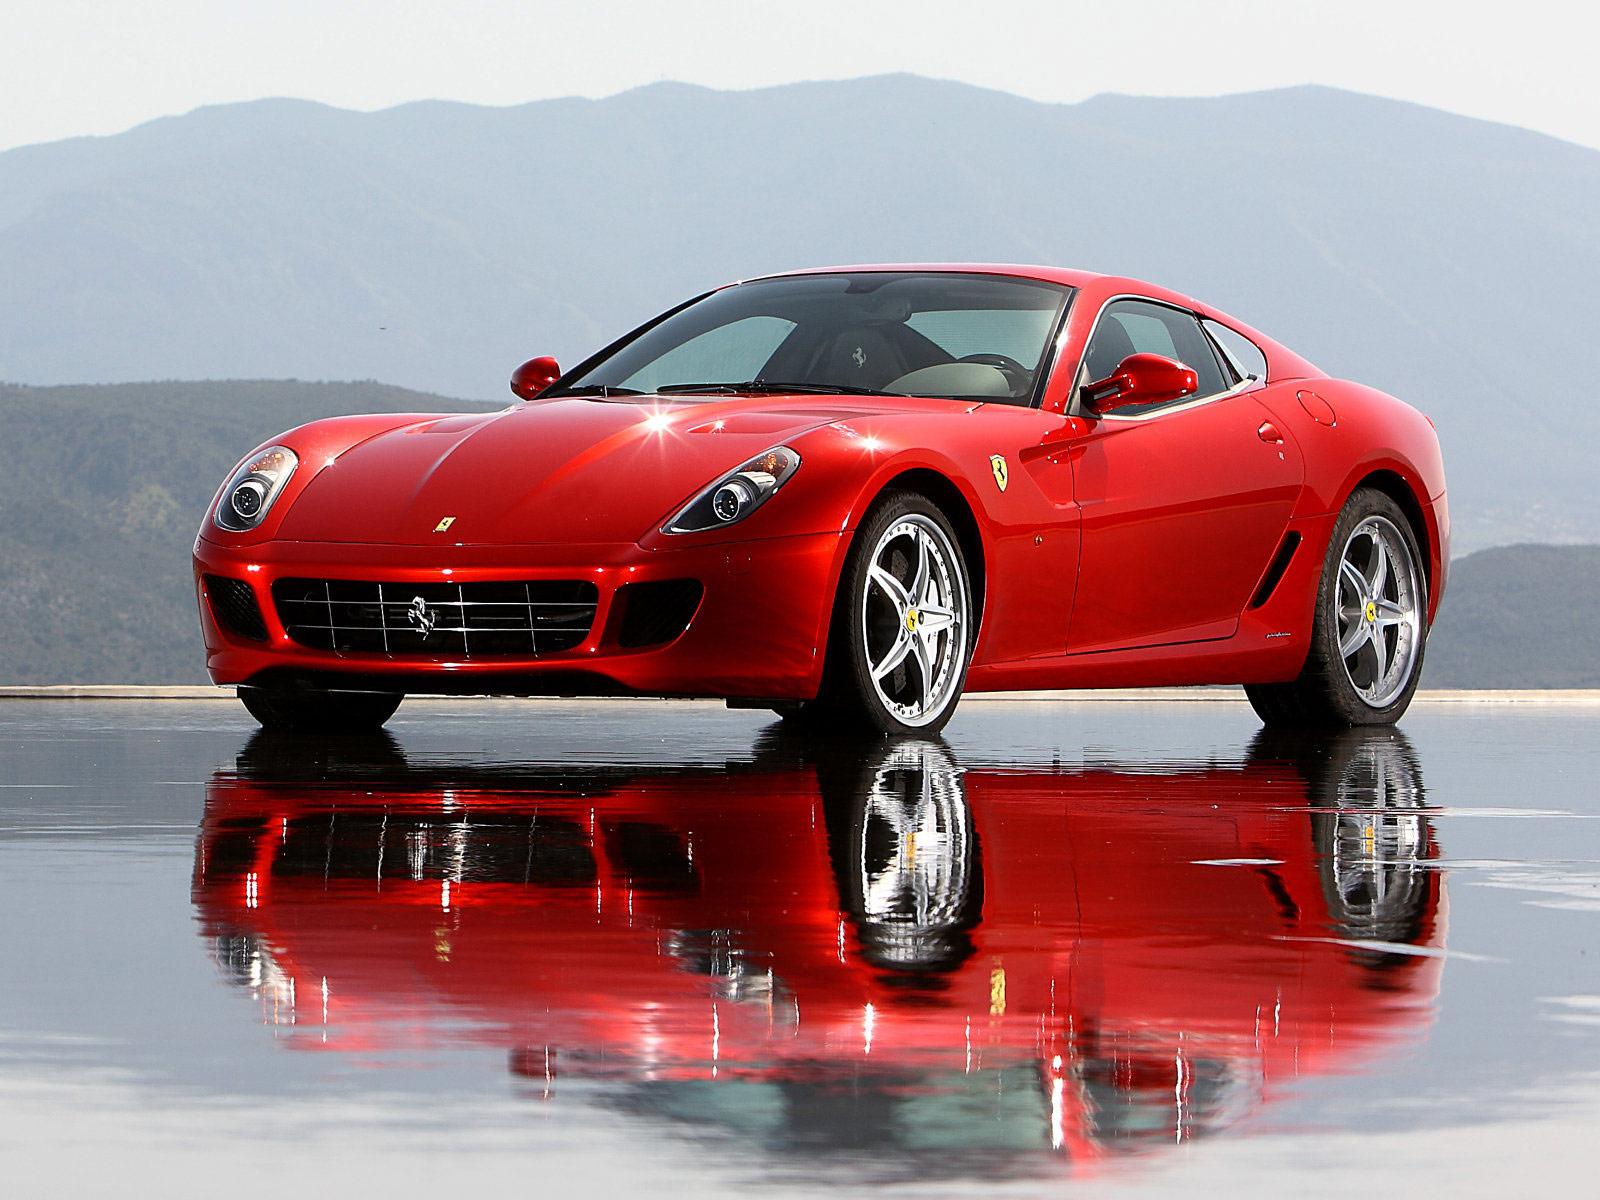 car forum car brand car review ferrari 599 gtb fiorano hgte 2010. Black Bedroom Furniture Sets. Home Design Ideas